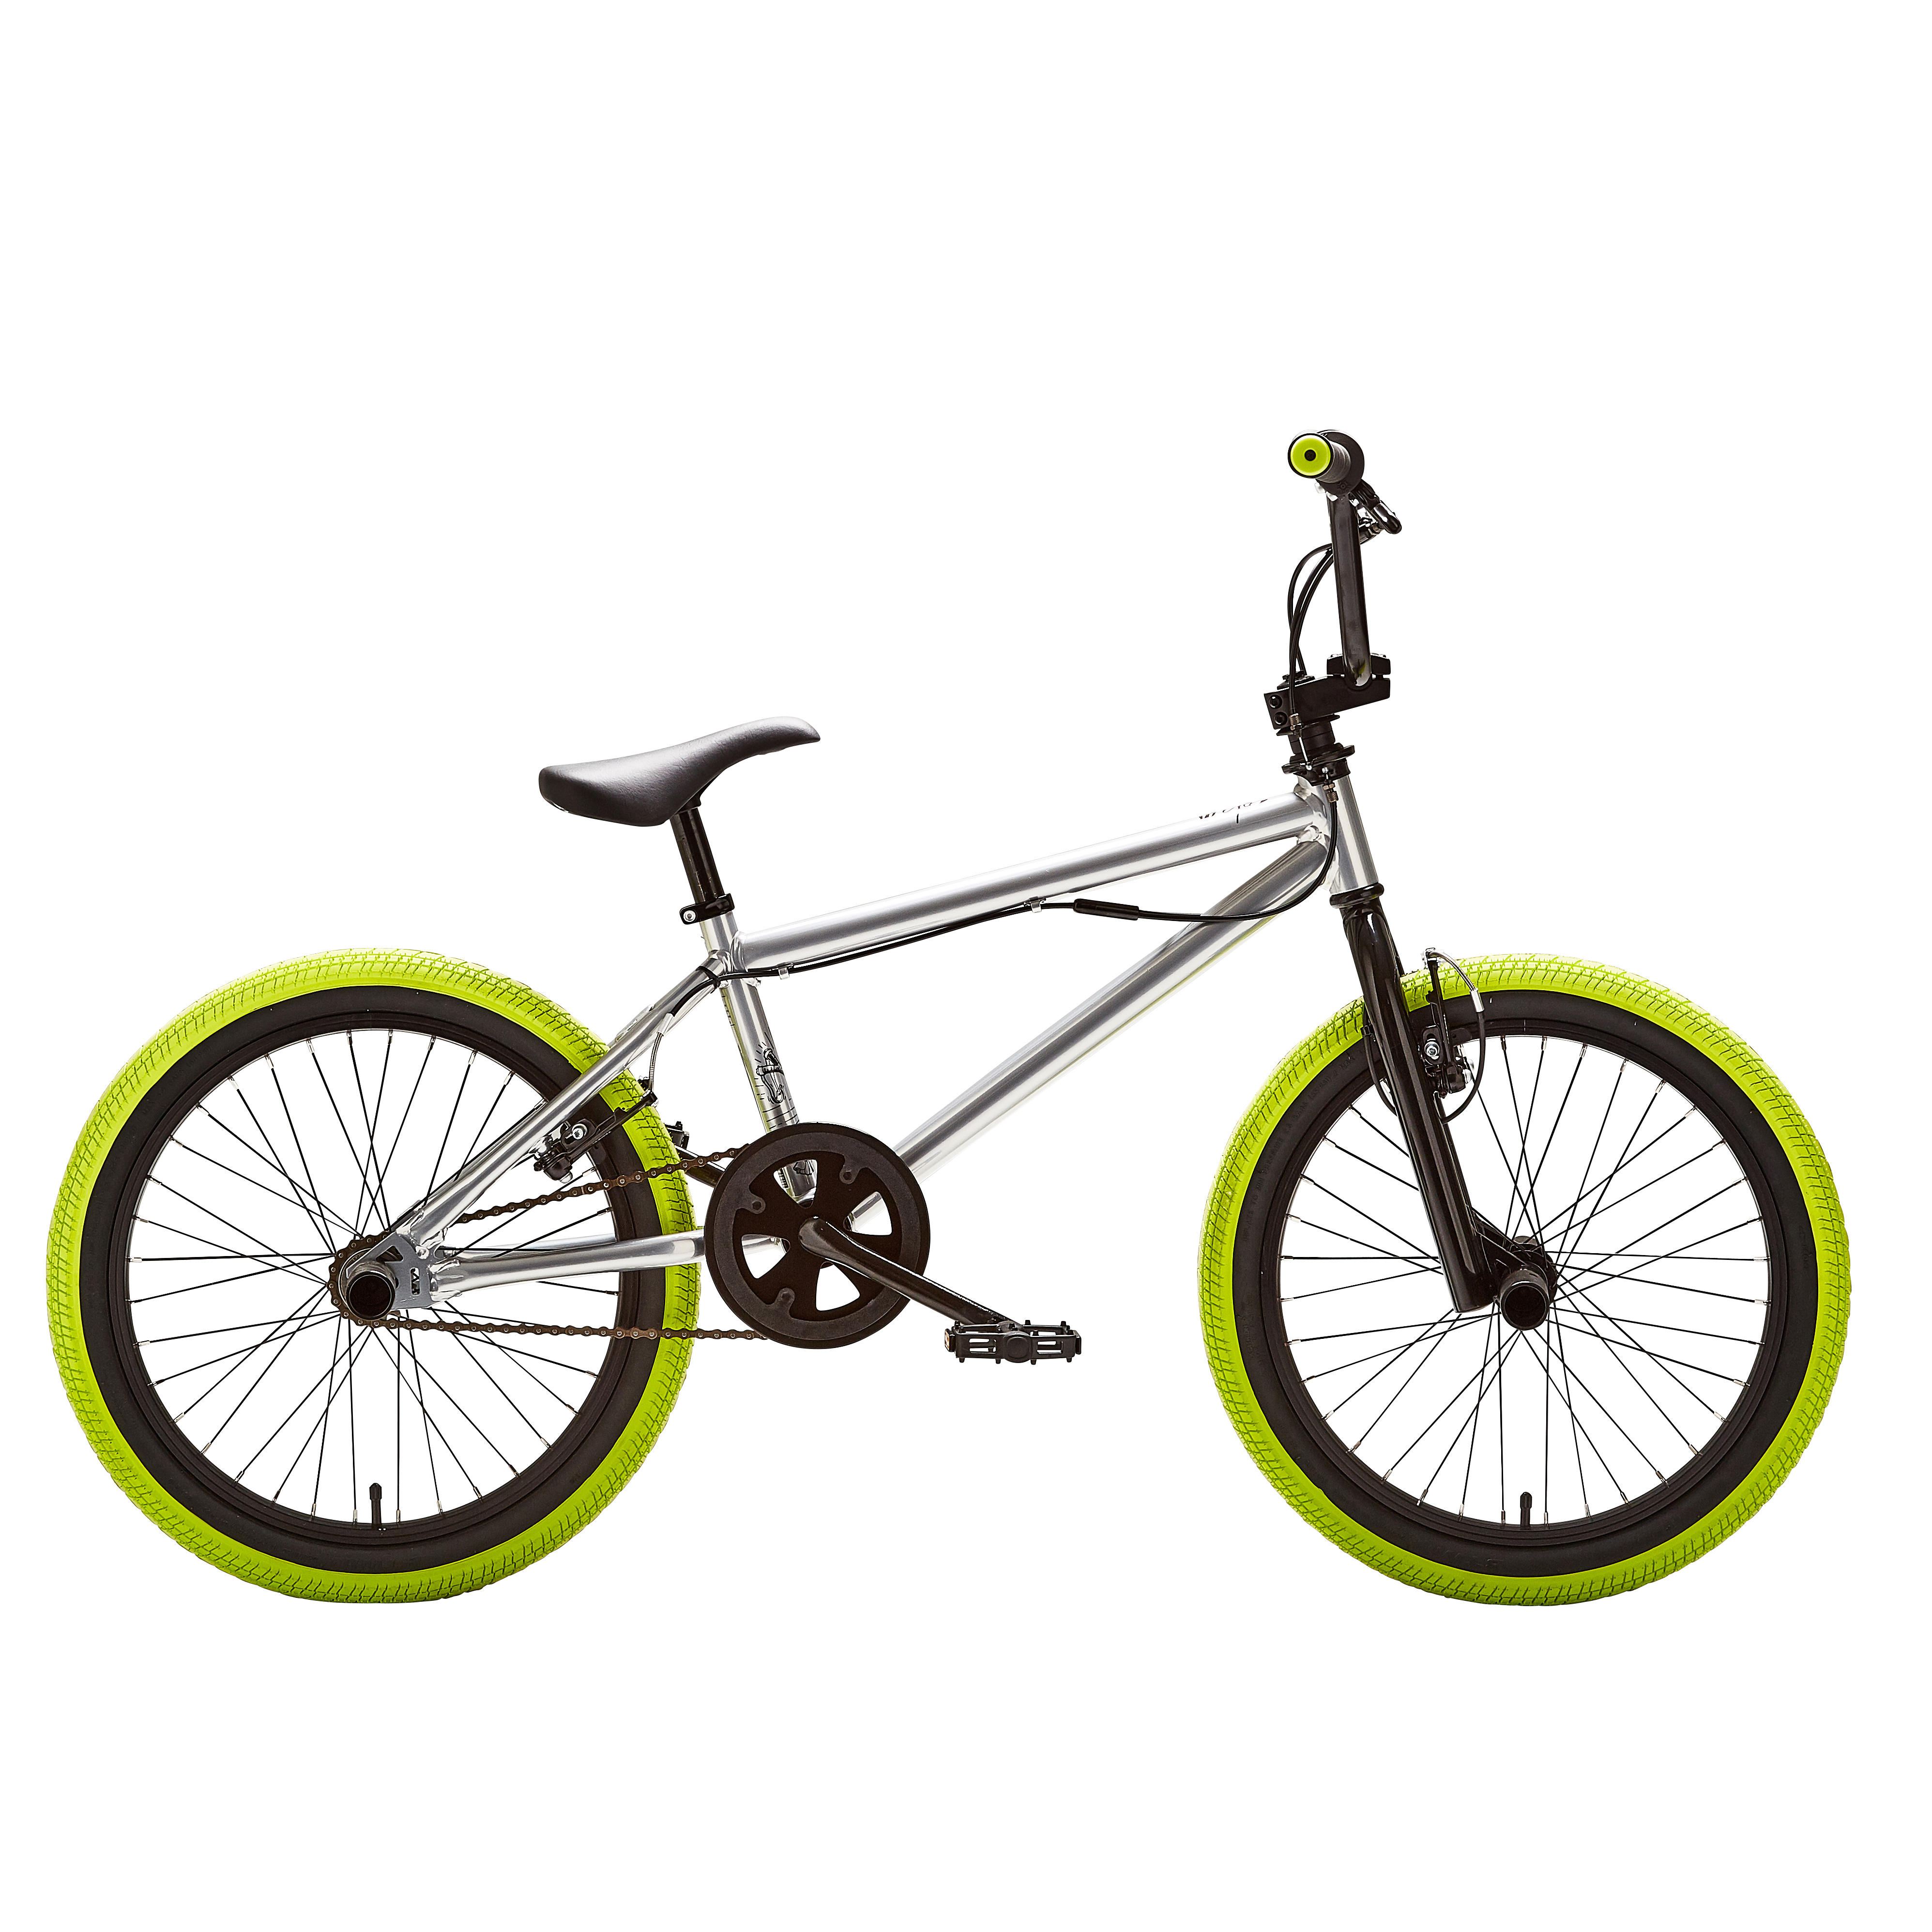 Bicicletă BMX Wipe 520